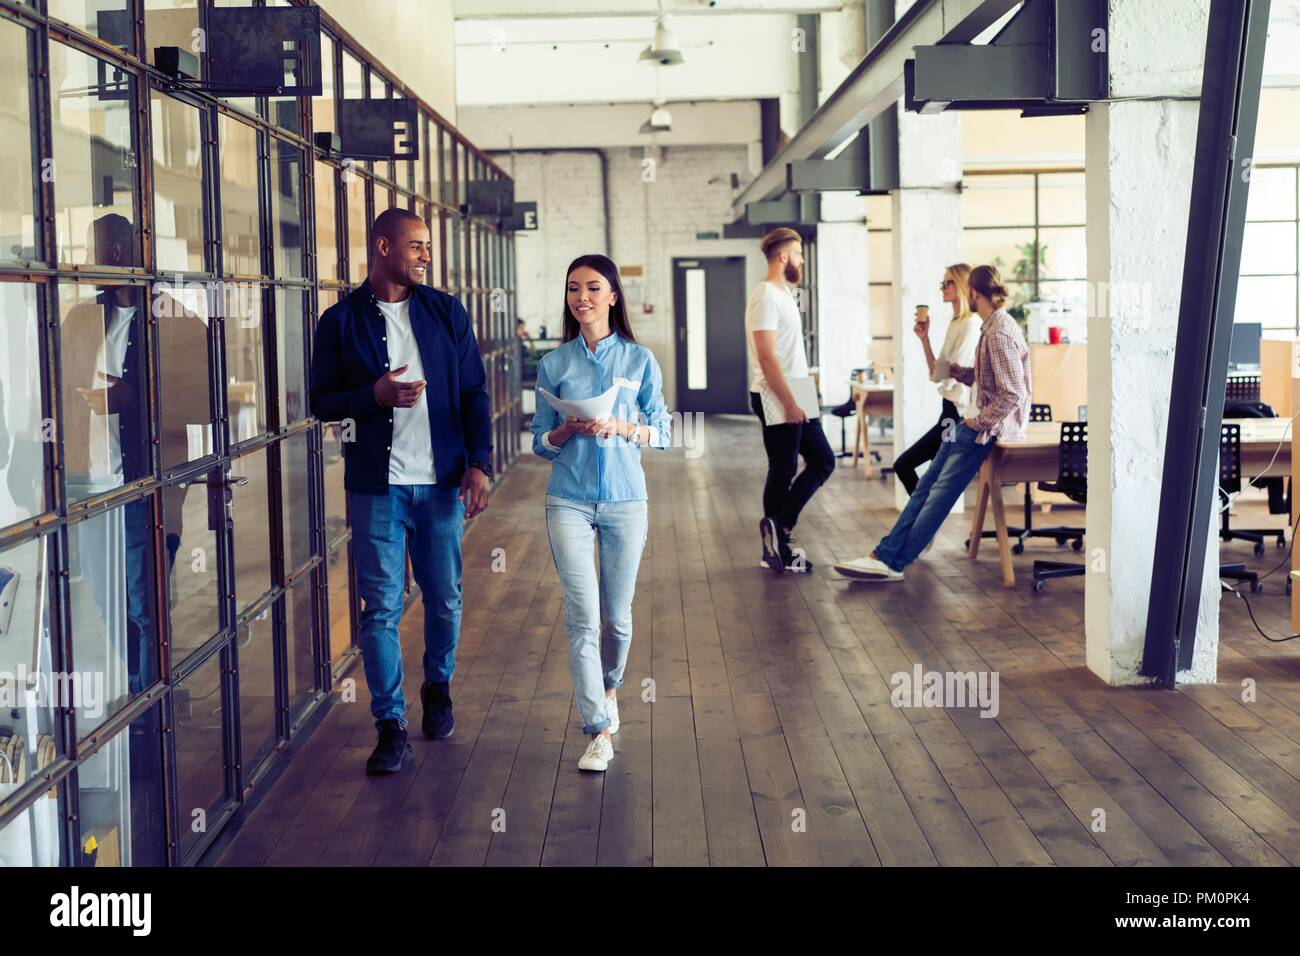 Nachholbedarf vor der Sitzung. Volle Länge des jungen modernen Menschen in Smart Casual Wear Diskussion von und lächelnd während man durch das Büro Flur. Stockbild